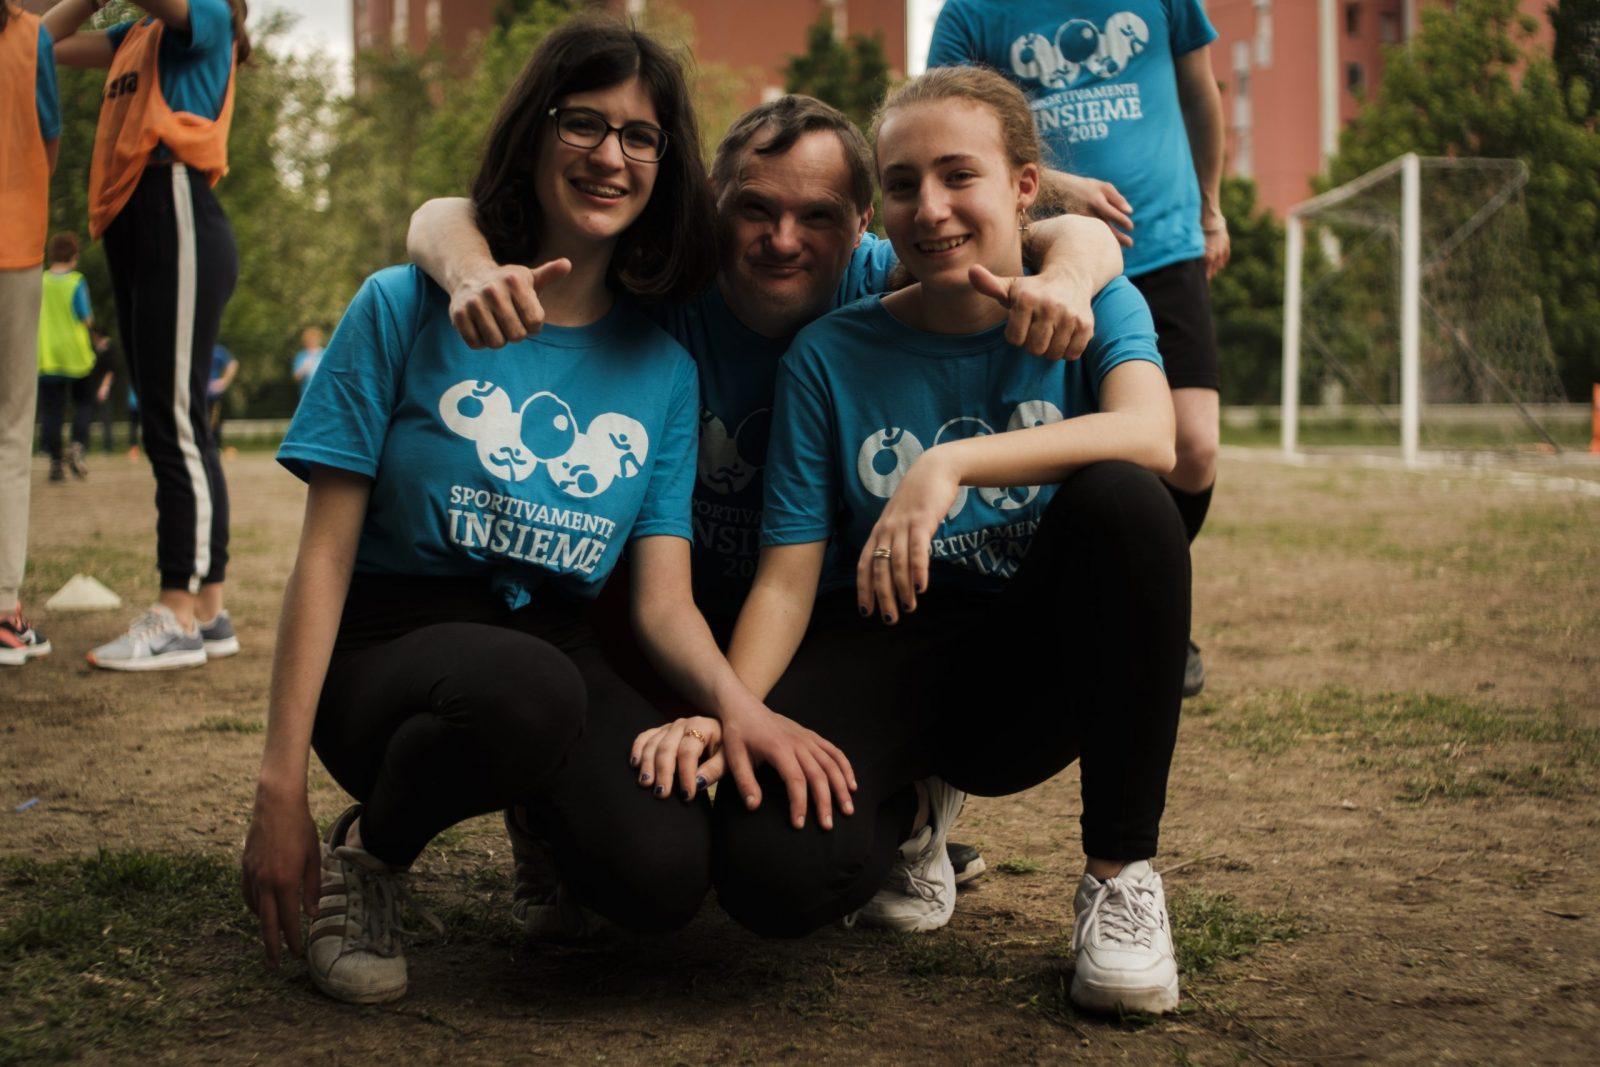 Sportivamenteinsieme: sfide tra squadre miste composte da ragazzi normodotati e con disabilità.